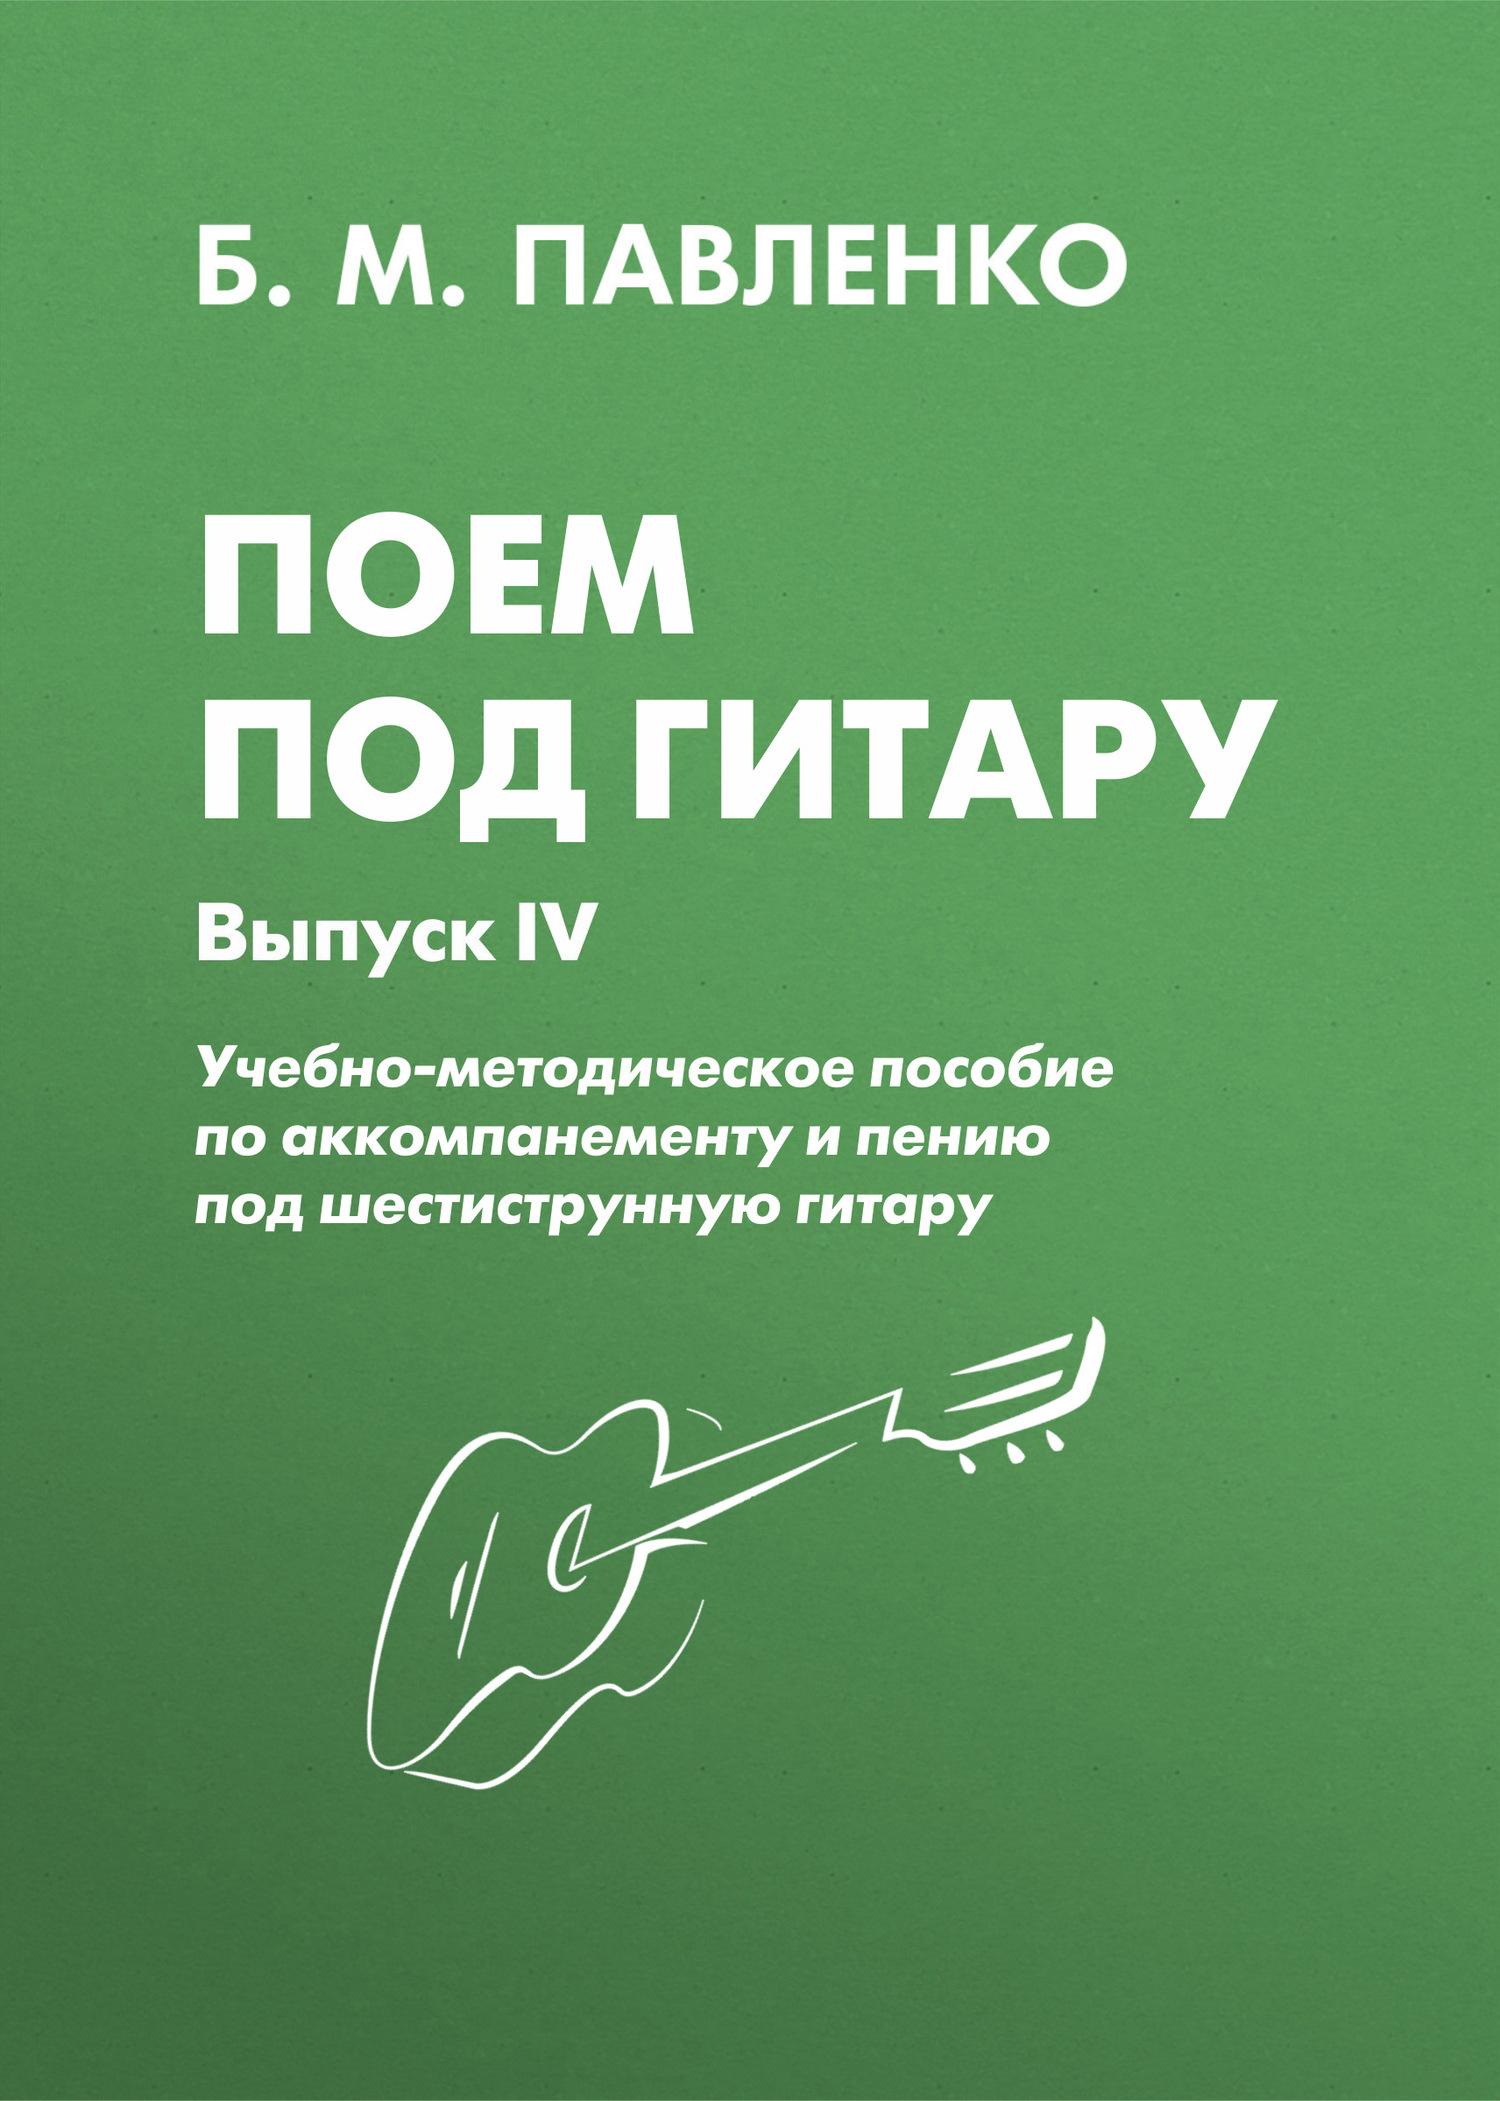 Б. М. Павленко Поем под гитару. Учебно-методическое пособие по аккомпанементу и пению под шестиструнную гитару. Выпуск IV б м павленко хиты под гитару выпуск 1